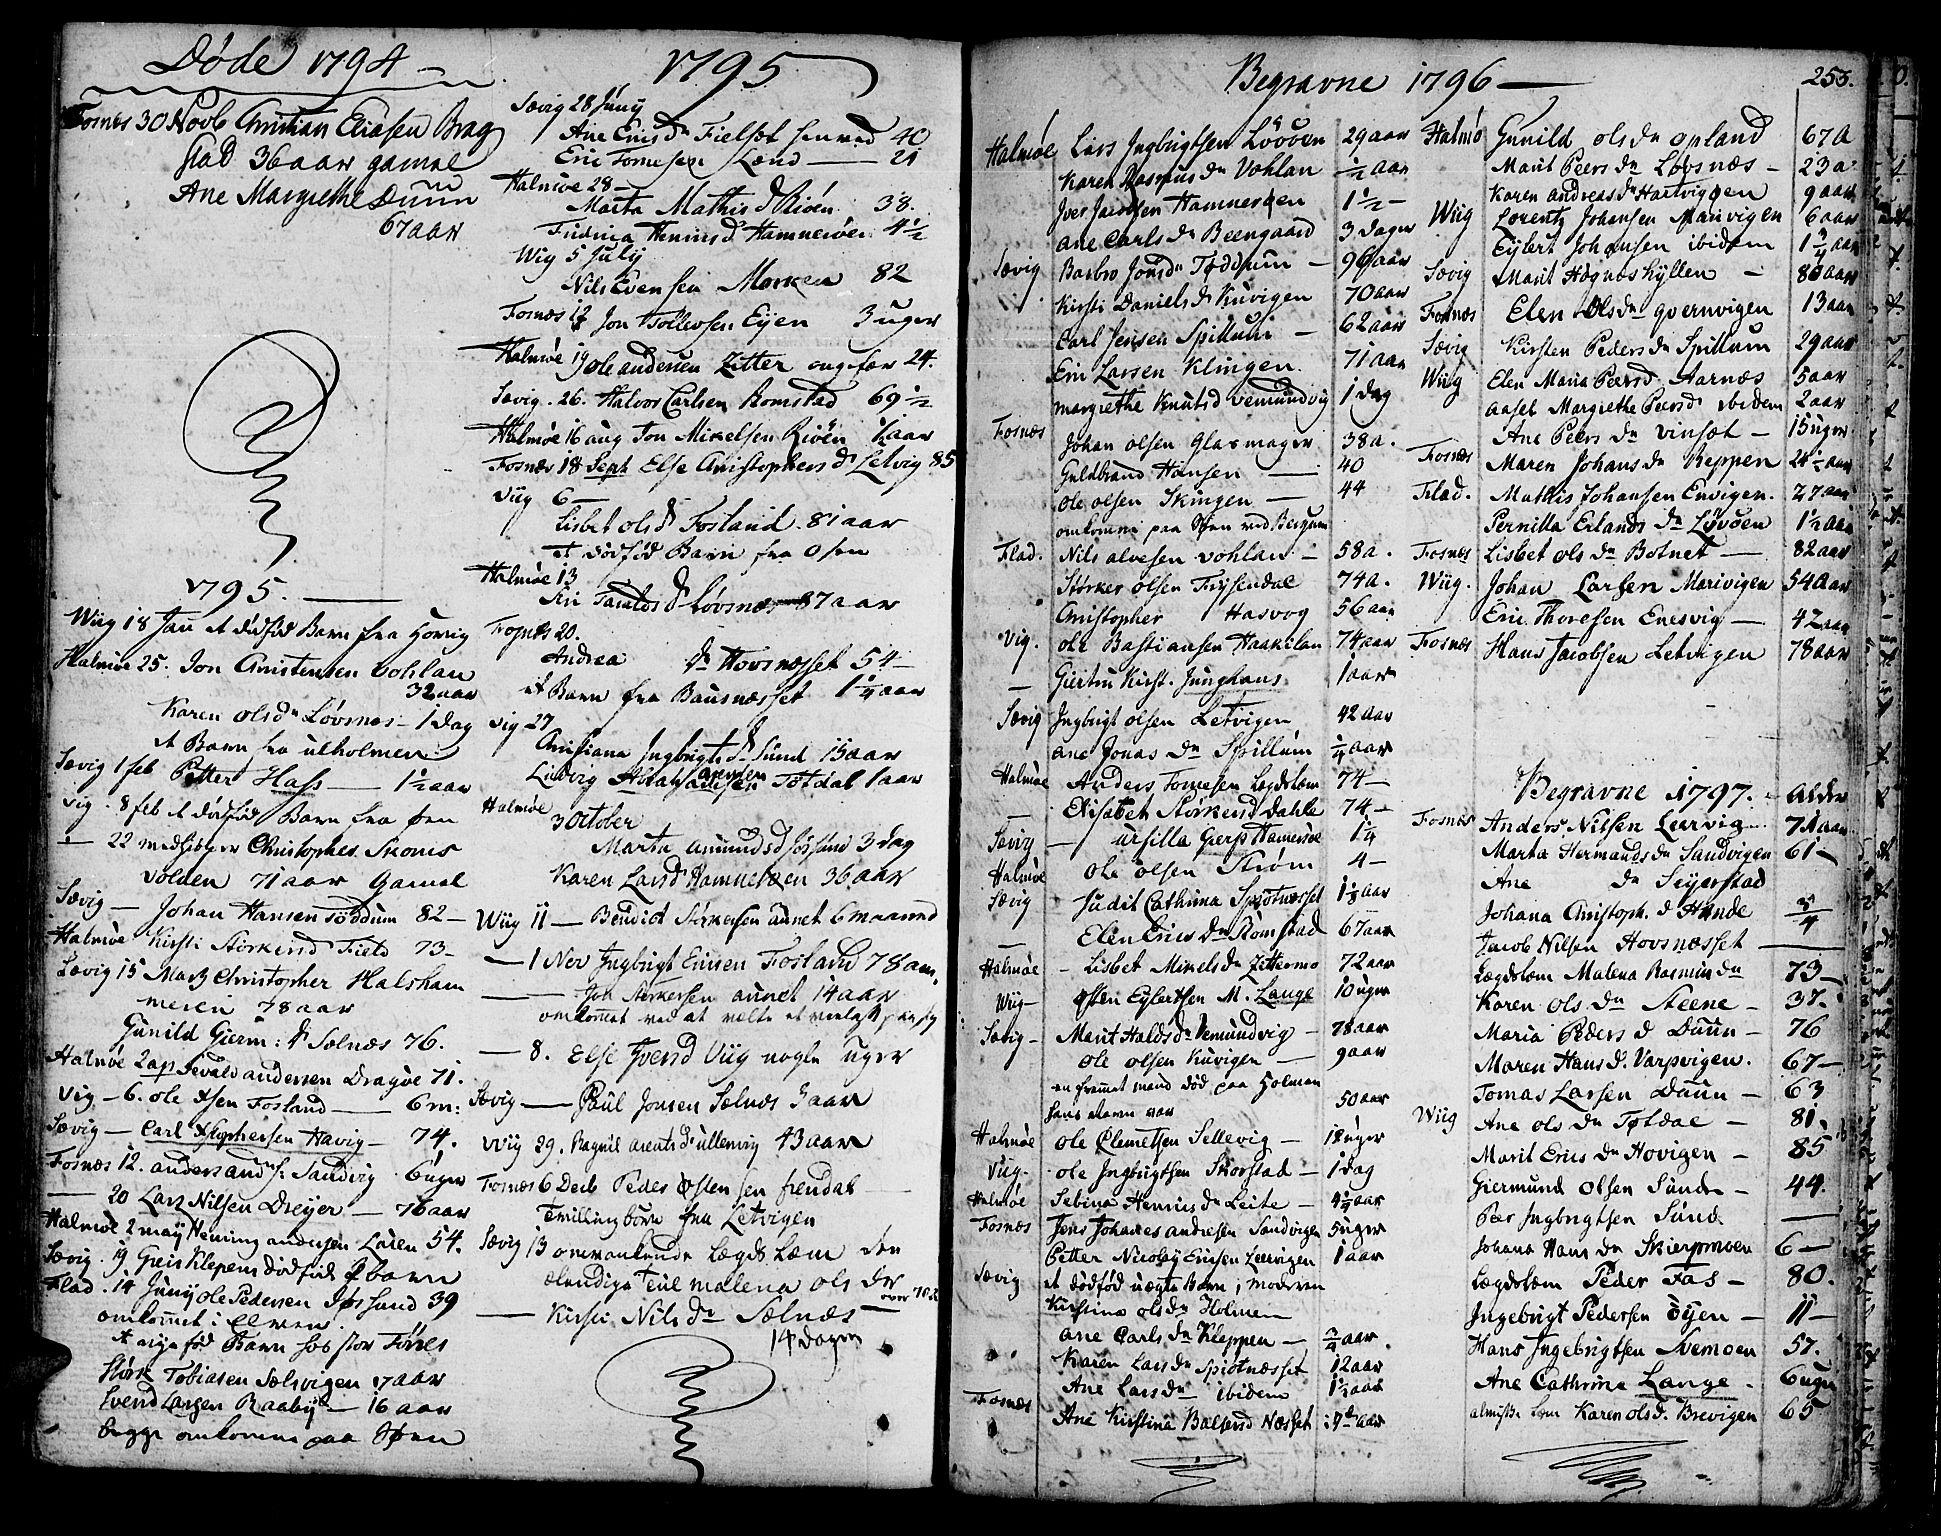 SAT, Ministerialprotokoller, klokkerbøker og fødselsregistre - Nord-Trøndelag, 773/L0608: Ministerialbok nr. 773A02, 1784-1816, s. 253